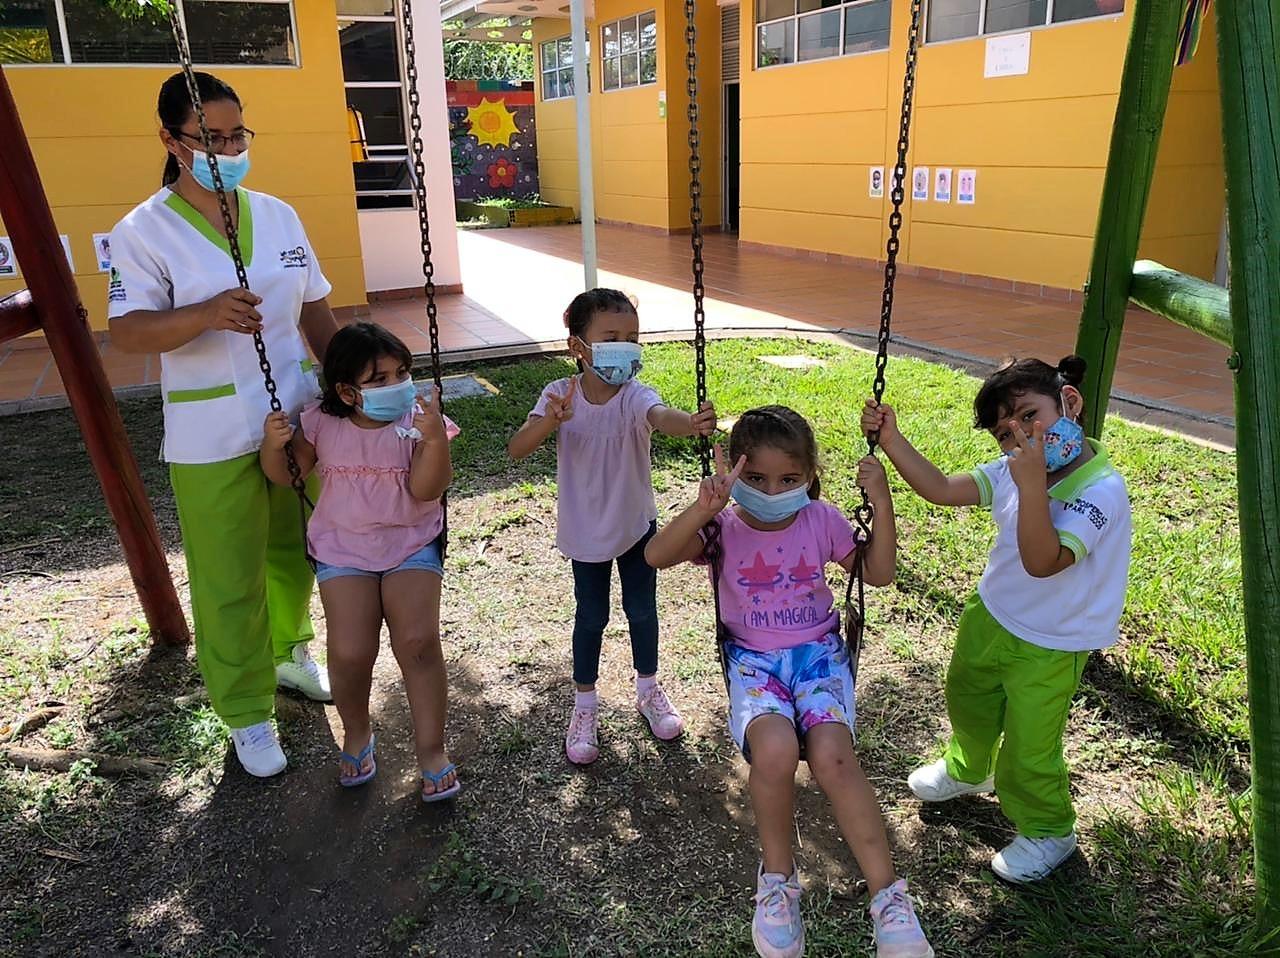 El Instituto Colombiano de Bienestar Familiar (ICBF) ha habilitado 57 Unidades de Servicio (UDS) para el regreso a la educación inicial en el departamento del Huila, donde son atendidos más de 2.000 niñas y niños en los municipios de Neiva, Garzón, Íquira